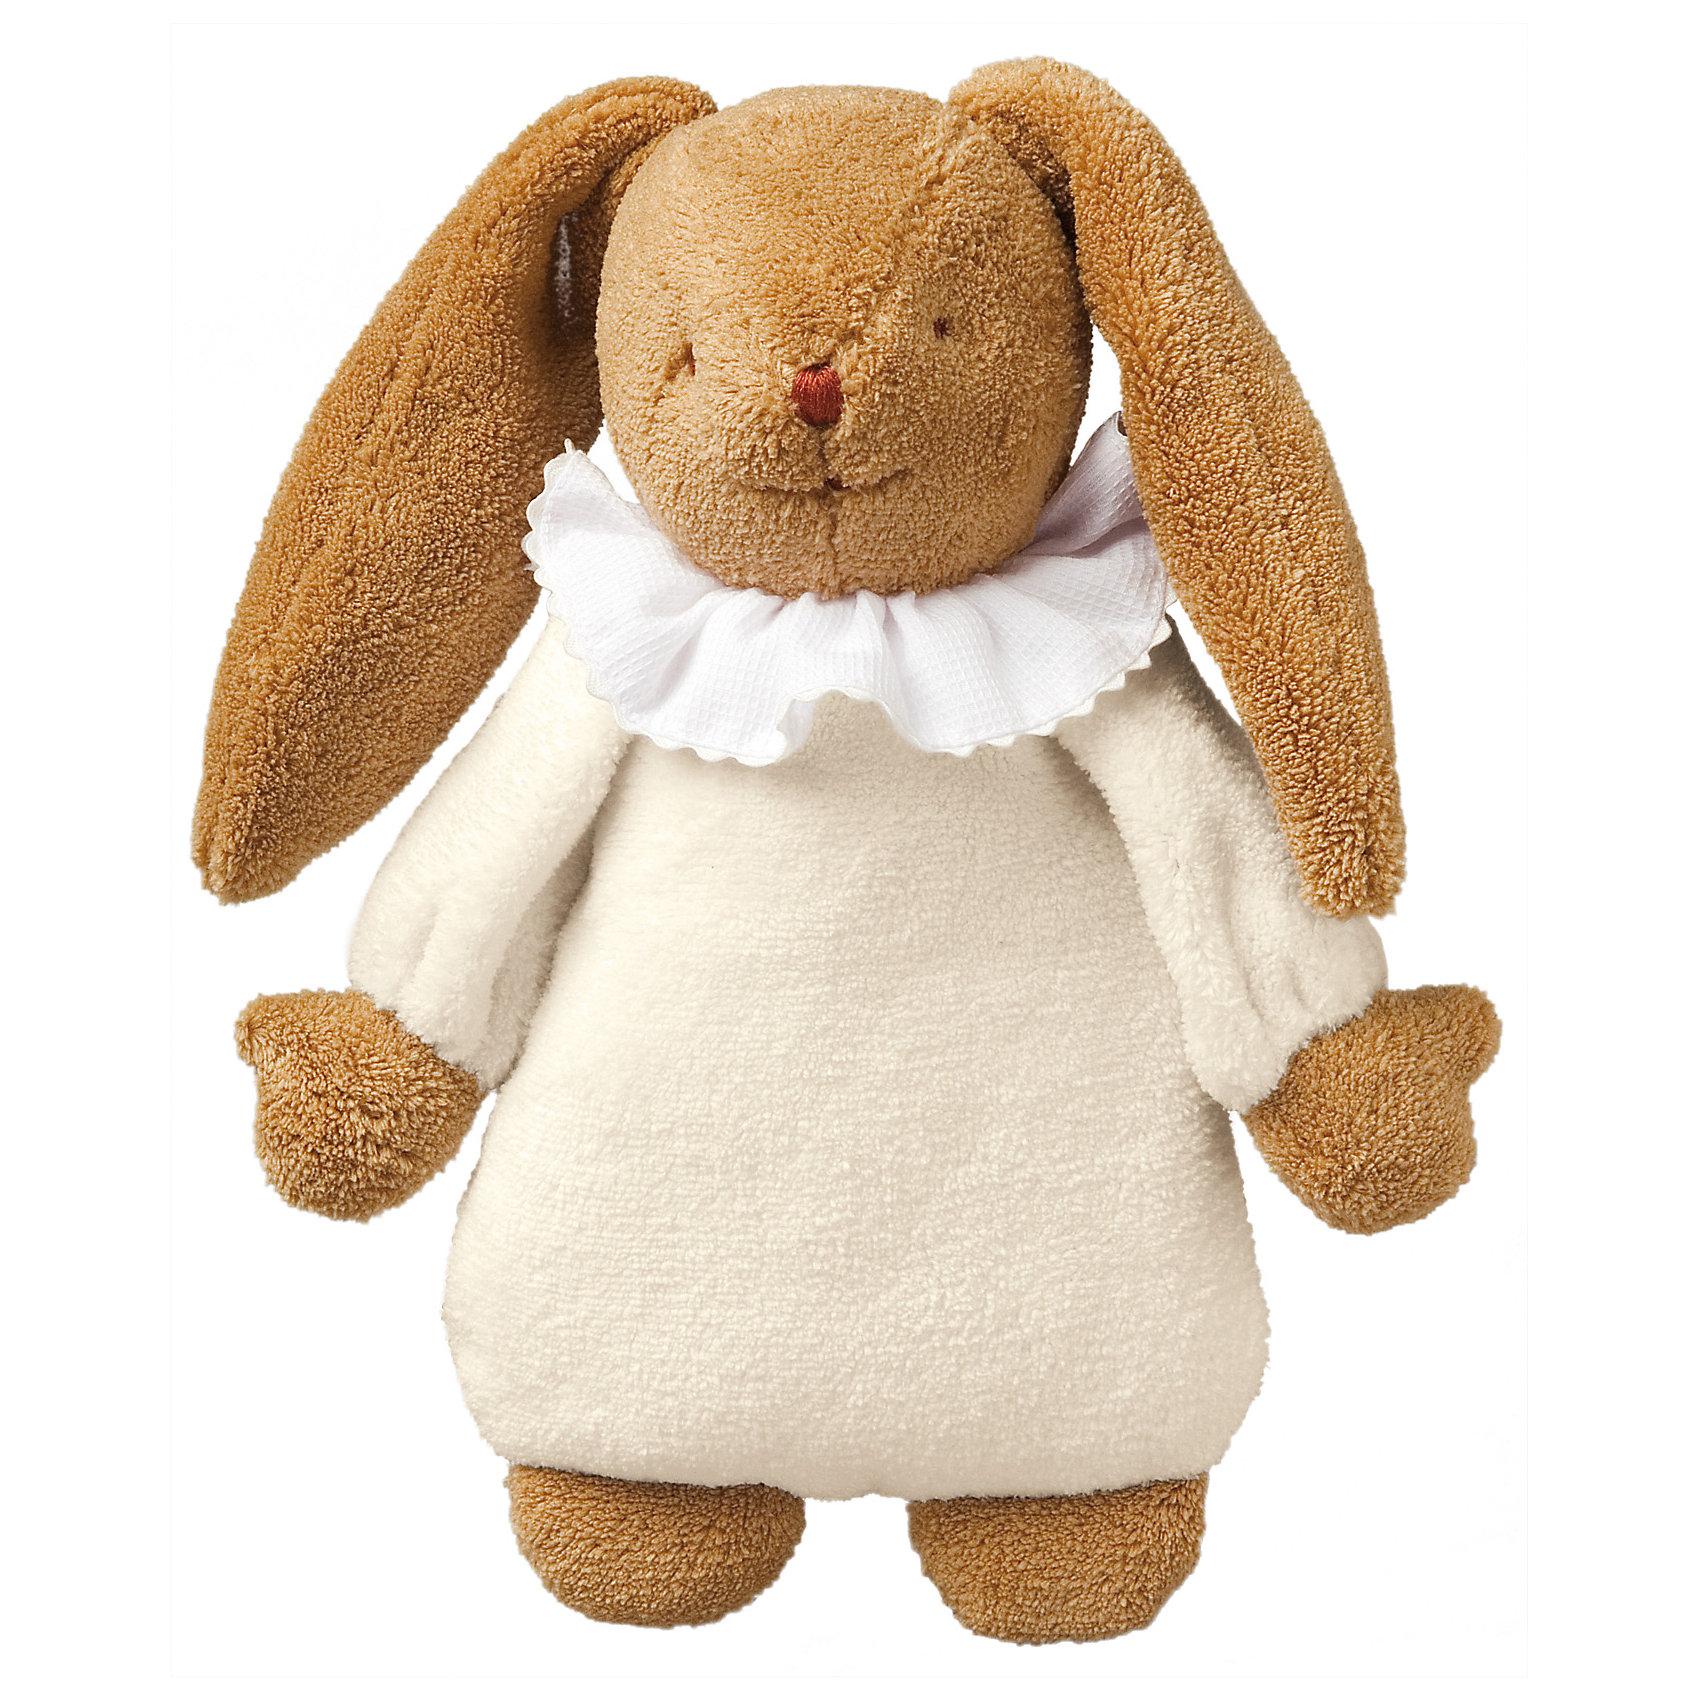 Мягкая игрушка Зайка с музыкой, цвет слоновой кости, 25см&#13;, TrousselierМягкая игрушка Зайка с музыкой, цвет слоновой кости, 25см, Trousselier<br><br>Характеристики:<br><br>• Размер: 25 см<br>• Материал: текстиль, полиэстер, хлопок<br>• Возраст: от 0 месяцев<br><br>Веселый зайчик в платье станет другом для вашего малыша. Натуральный материал не вызывает аллергию и полностью безопасен для нежной кожи. Малыш сможет спать с зайкой, с первых дней своей жизни. А если малышу трудно будет уснуть, зайка споет ему нежную песенку.<br><br>Мягкая игрушка Зайка с музыкой, цвет слоновой кости, 25см, Trousselier можно купить в нашем интернет-магазине.<br><br>Ширина мм: 190<br>Глубина мм: 190<br>Высота мм: 90<br>Вес г: 330<br>Возраст от месяцев: -2147483648<br>Возраст до месяцев: 2147483647<br>Пол: Унисекс<br>Возраст: Детский<br>SKU: 4964816